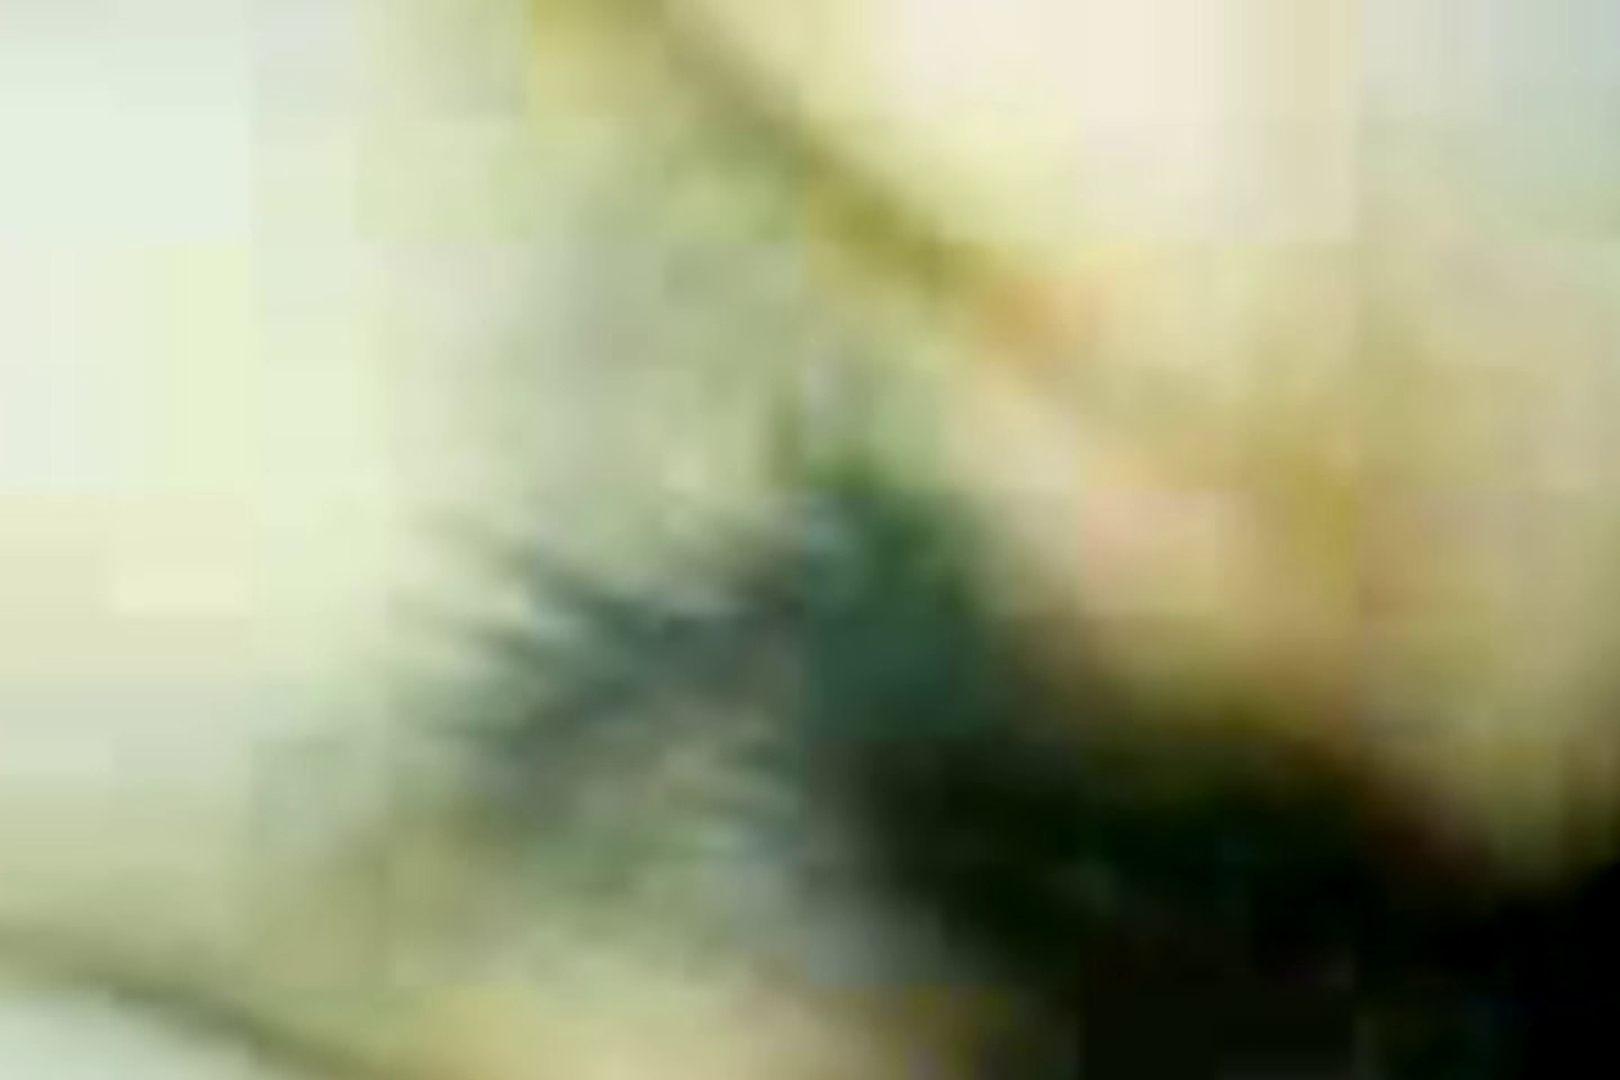 ウイルス流出 串田良祐と小学校教諭のハメ撮りアルバム 学校 | 卑猥  92pic 53